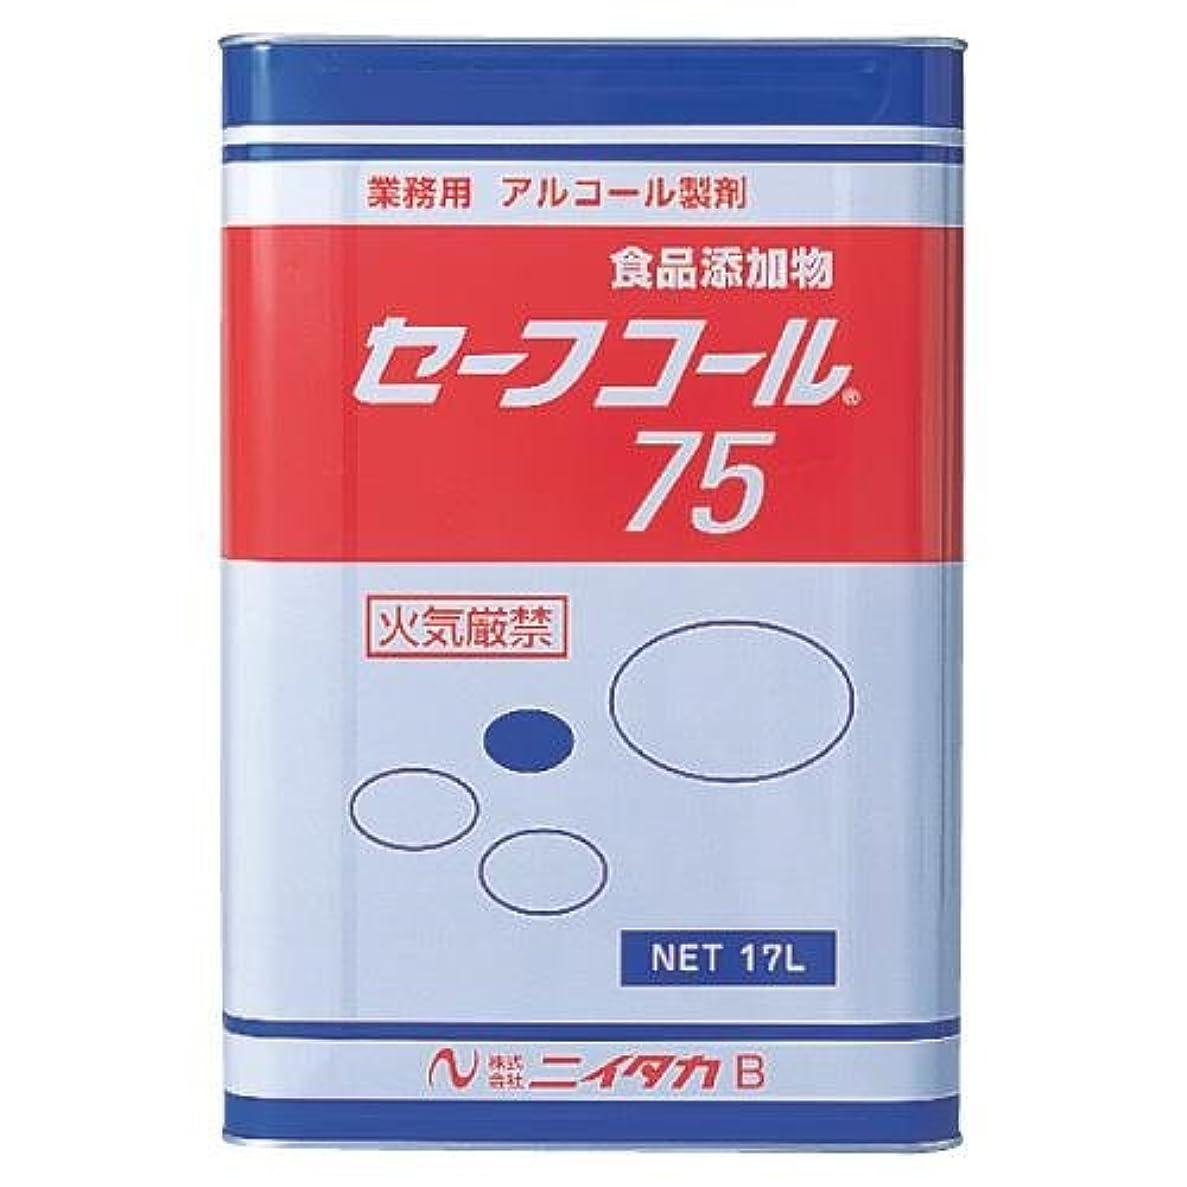 安定器具スーパーマーケットニイタカ:セーフコール75(F-3) 17L 270201